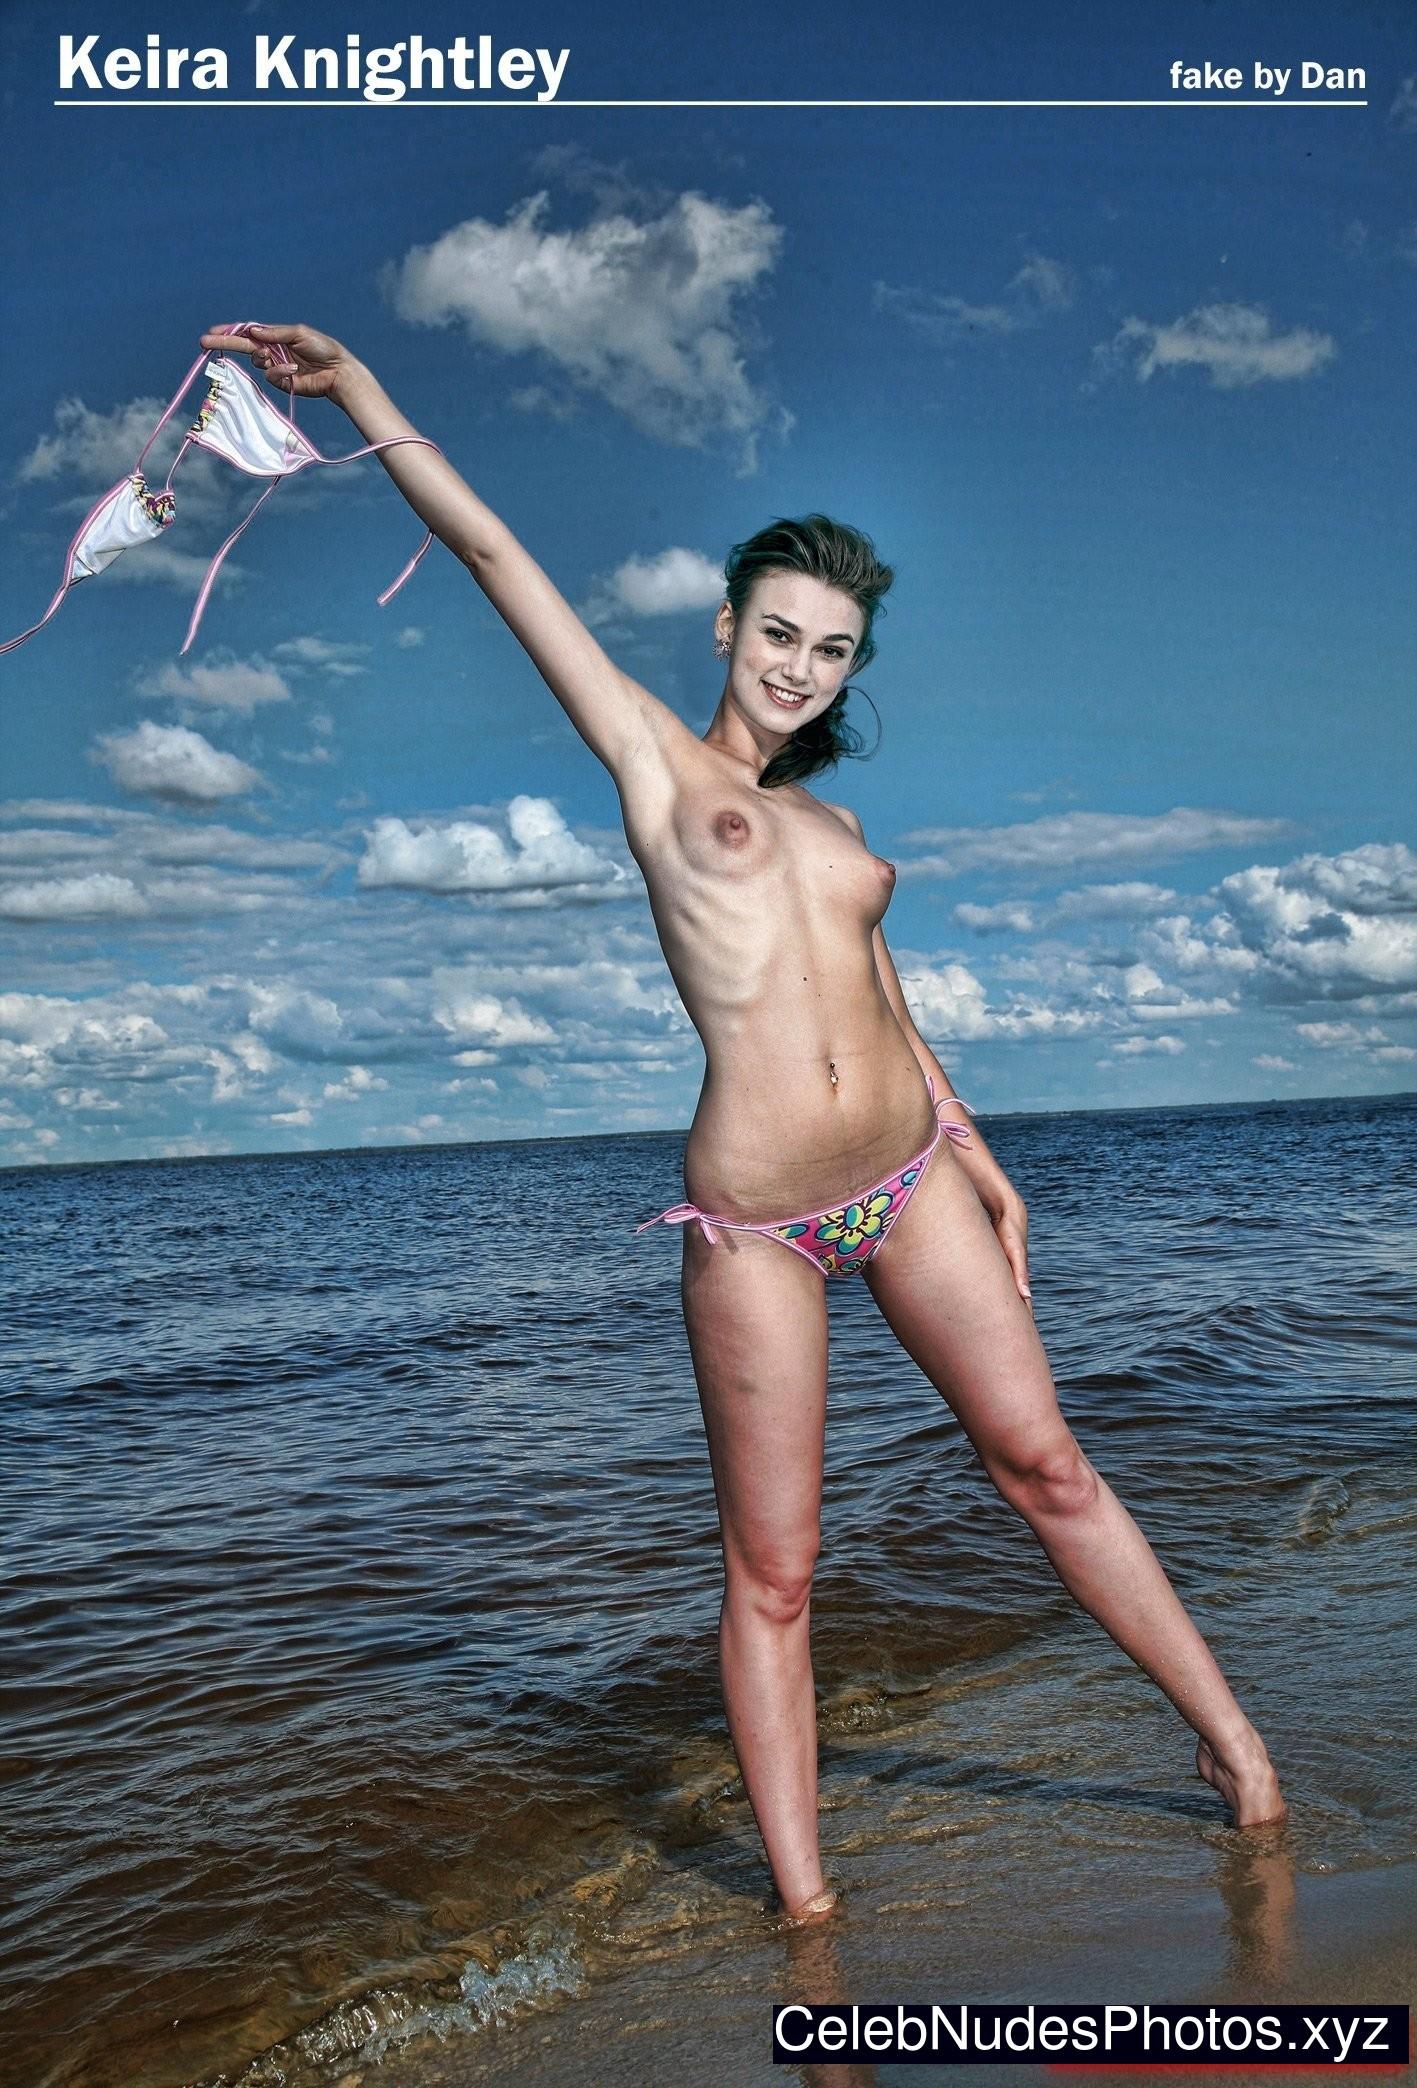 keira knightley nude gallery